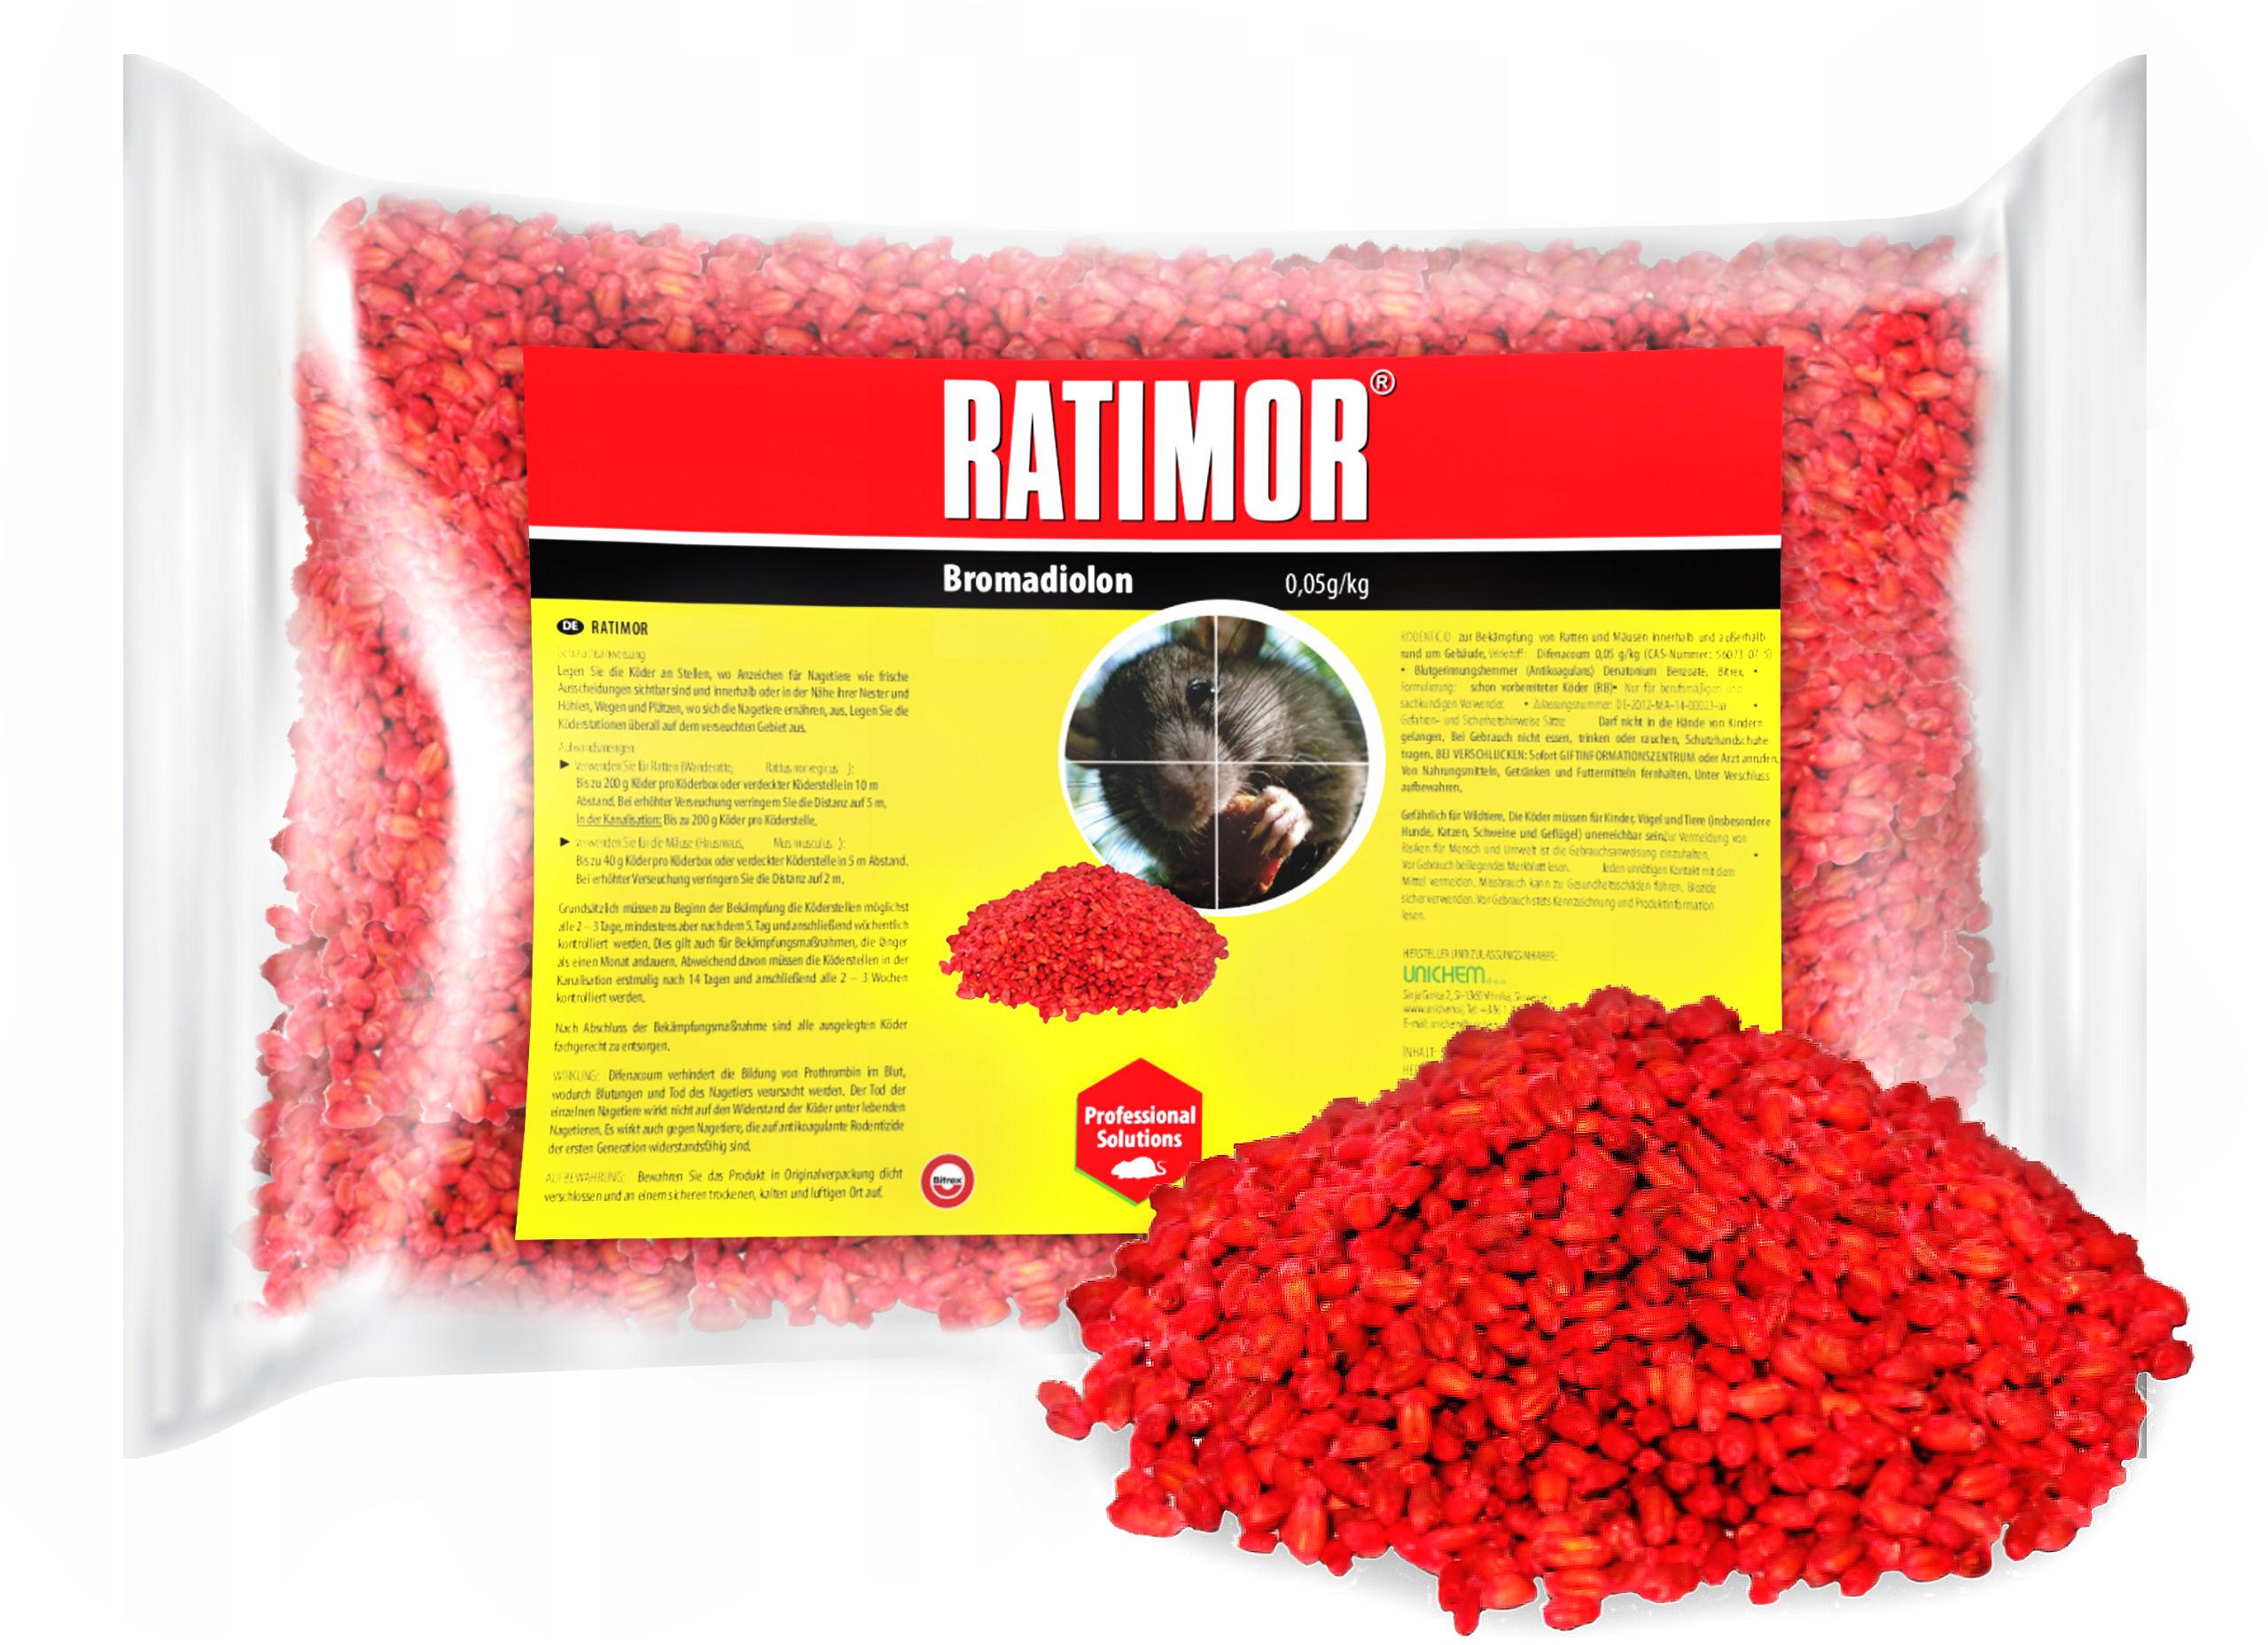 1kg Trutka na szczury, trutka na myszy. Ratimor - trutka zbożowa, zatrute ziarno.